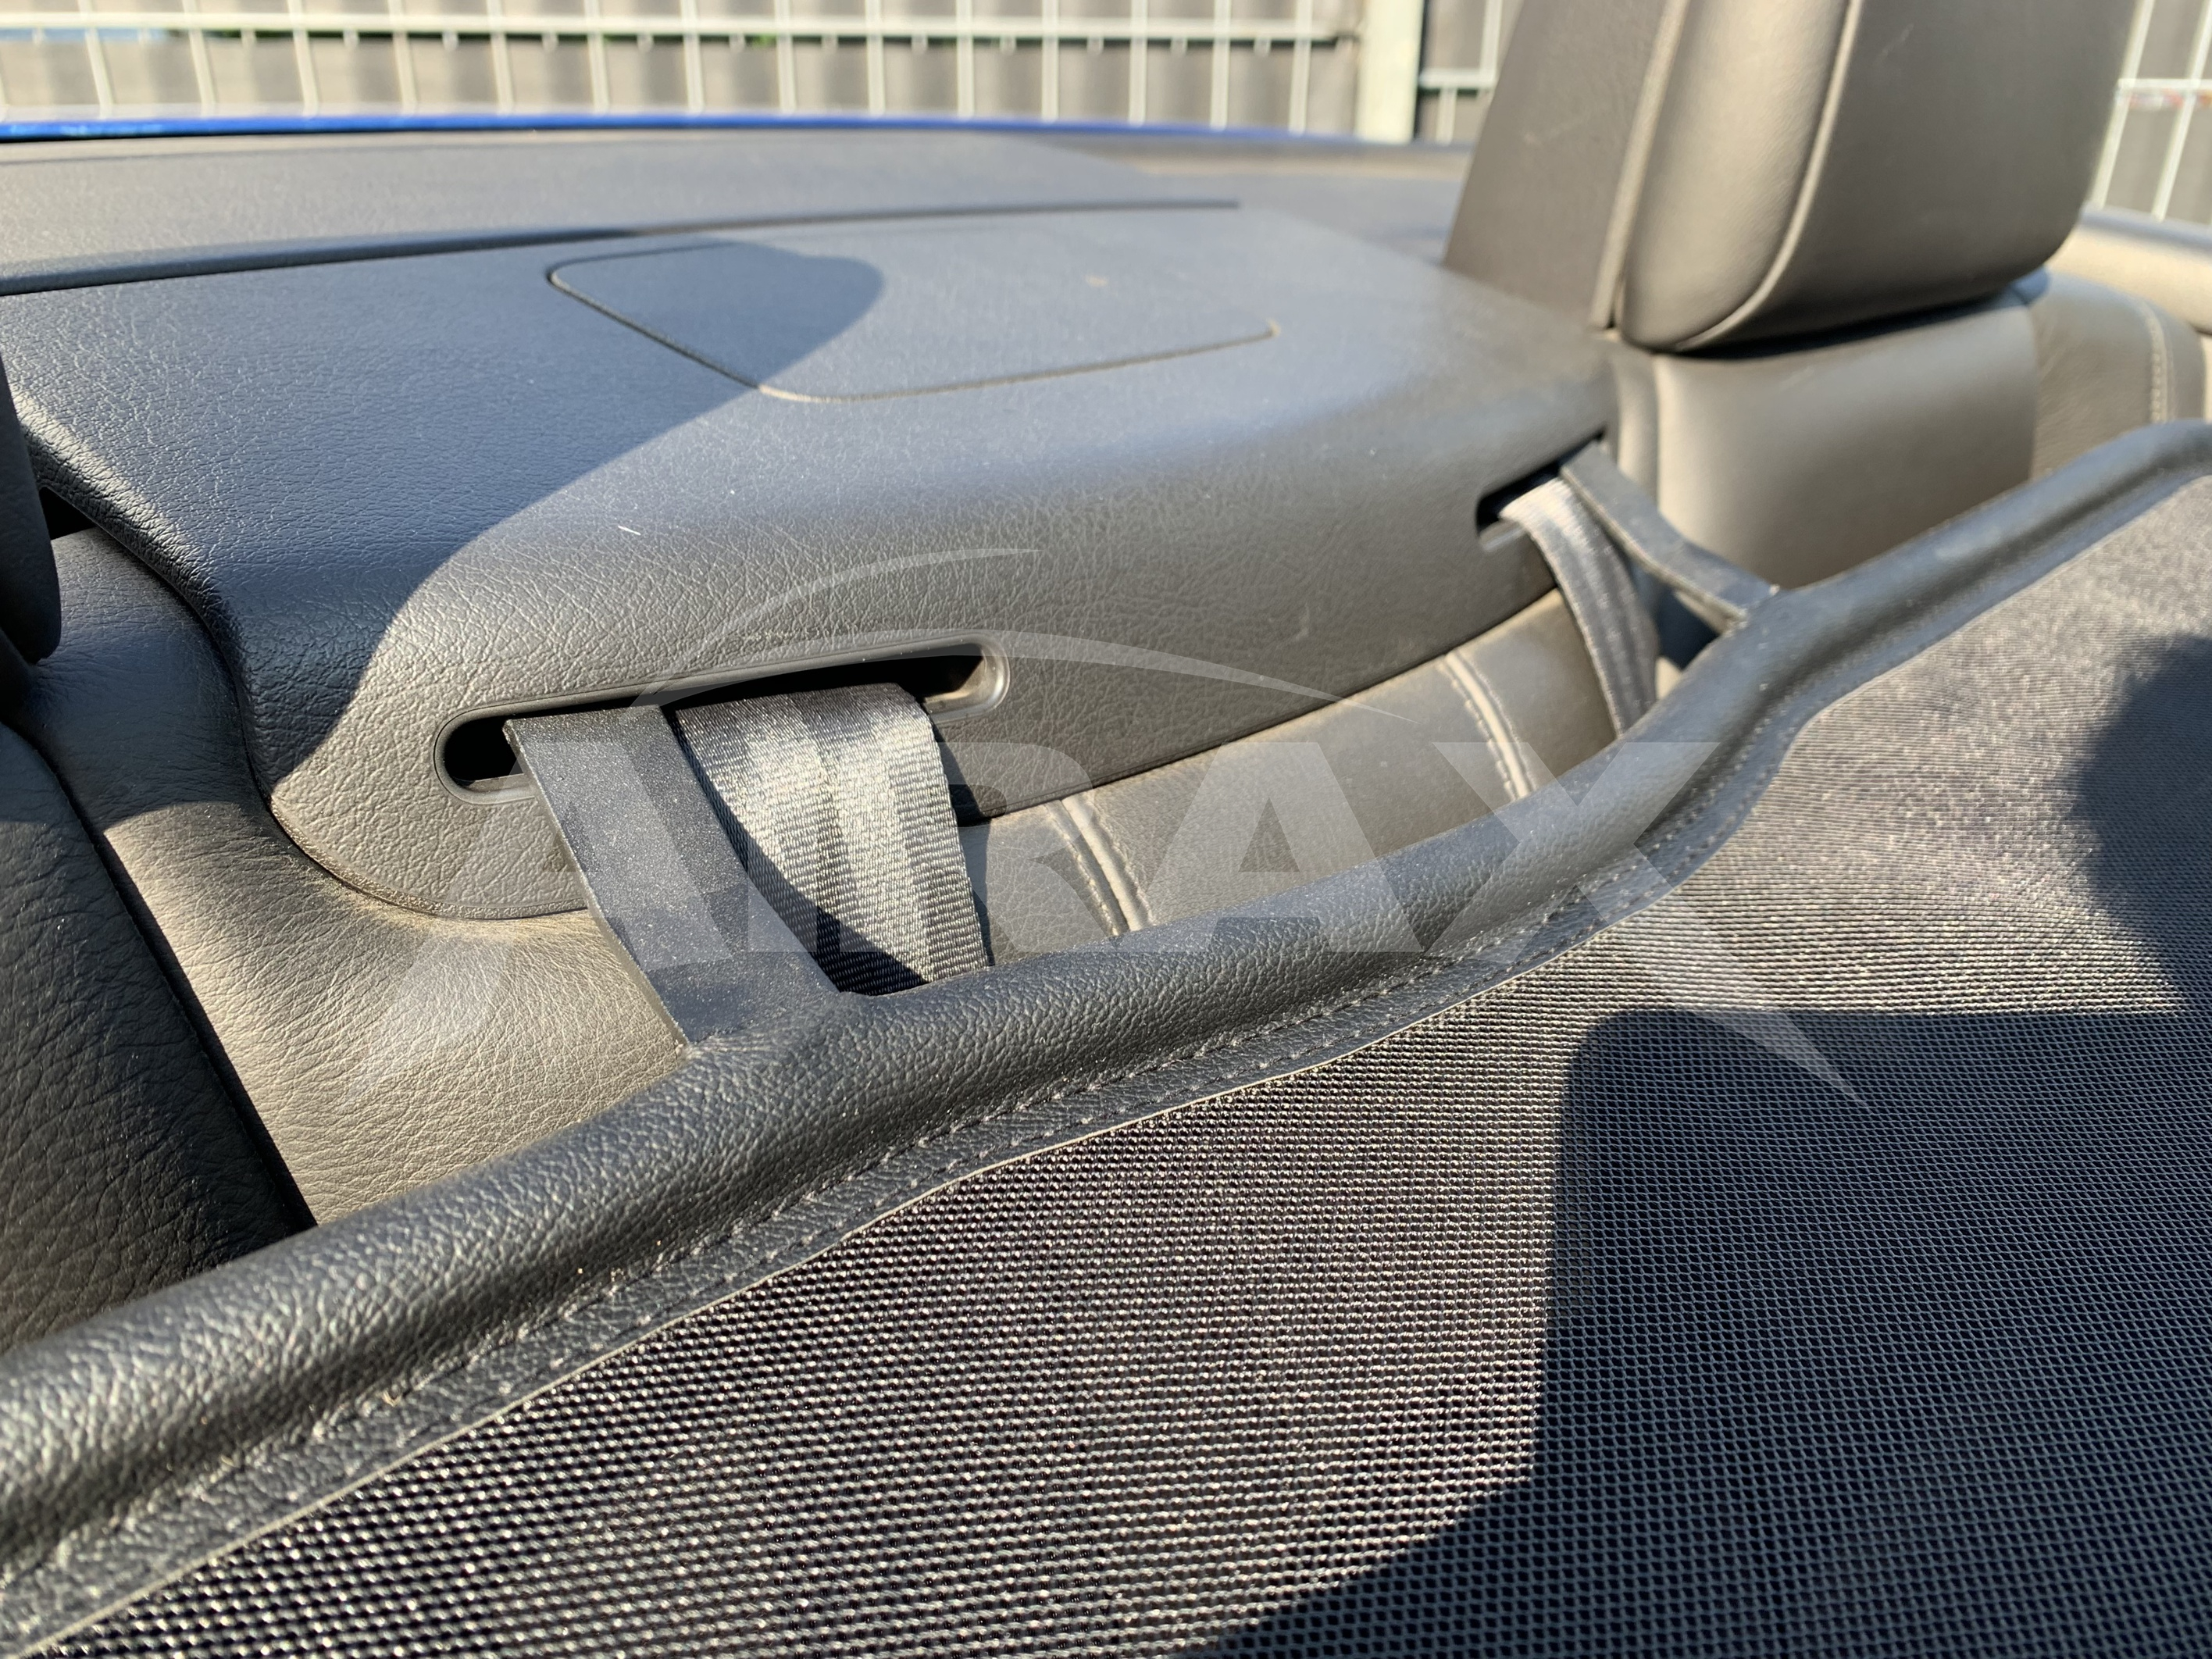 AIRAX Windschott Peugeot 307 CC schwarz mit Schnellverschluss WSP053